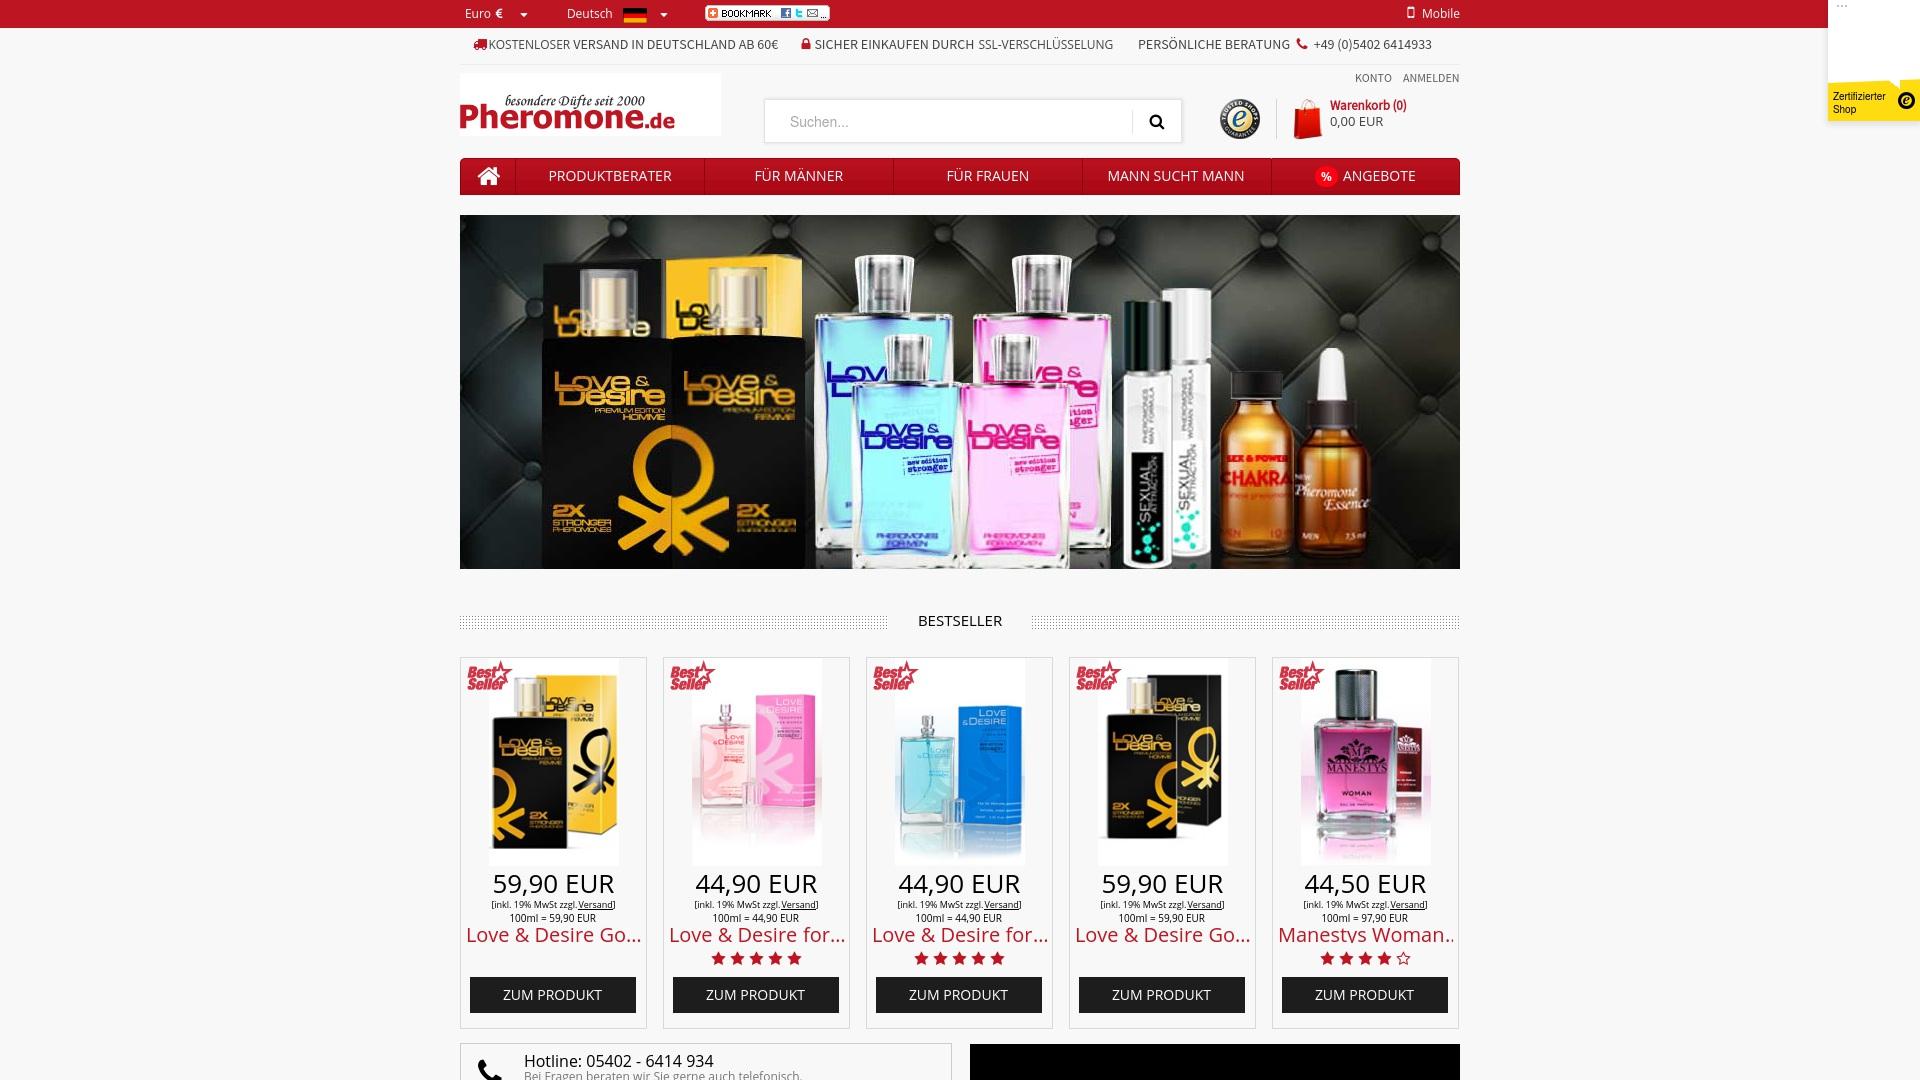 Gutschein für Pheromone: Rabatte für  Pheromone sichern